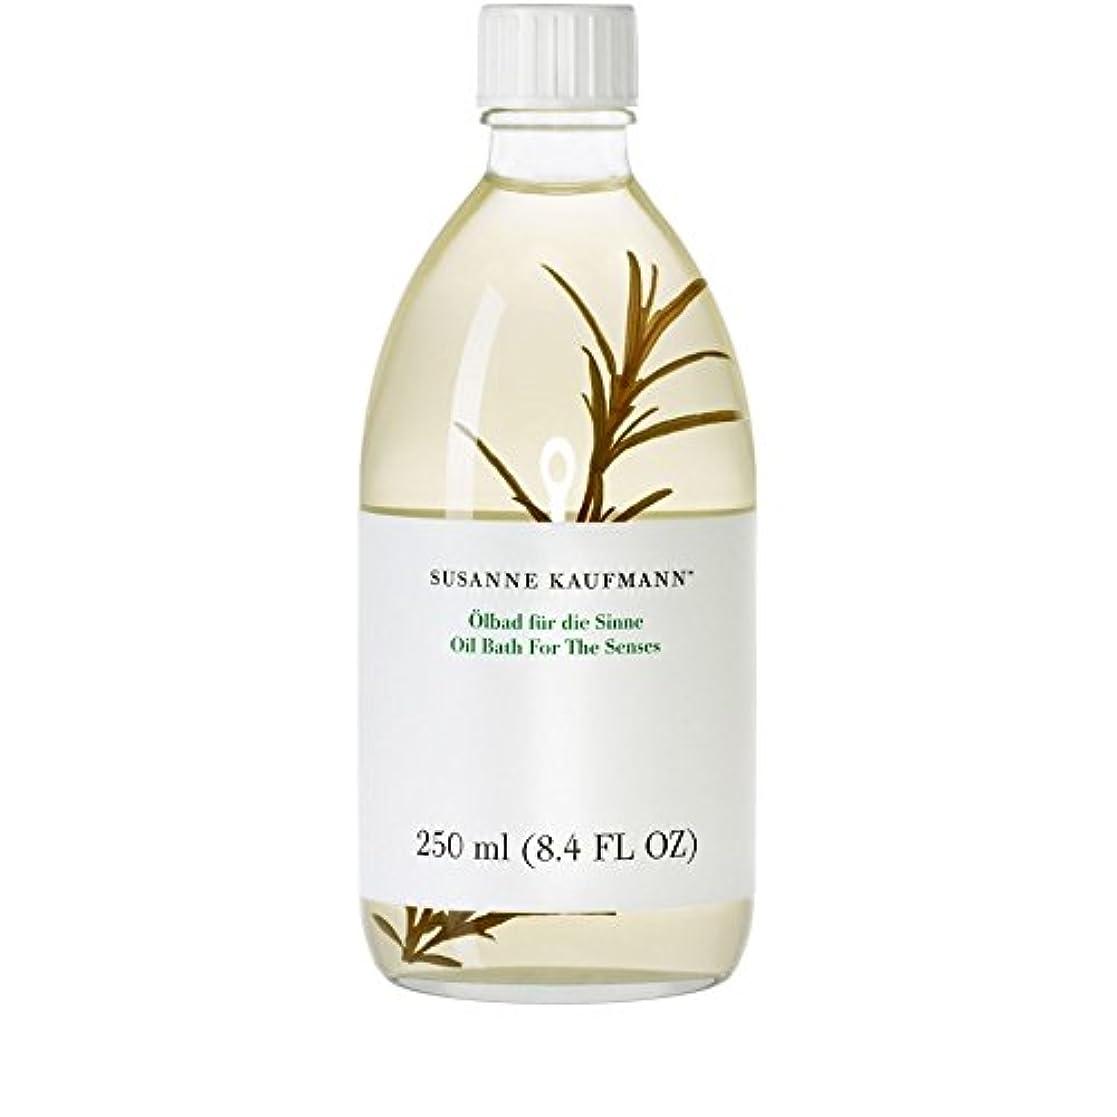 委員長つらい未使用Susanne Kaufmann Oil Bath for the Senses 250ml (Pack of 6) - 250ミリリットルの感覚のためのスザンヌカウフマンオイルバス x6 [並行輸入品]